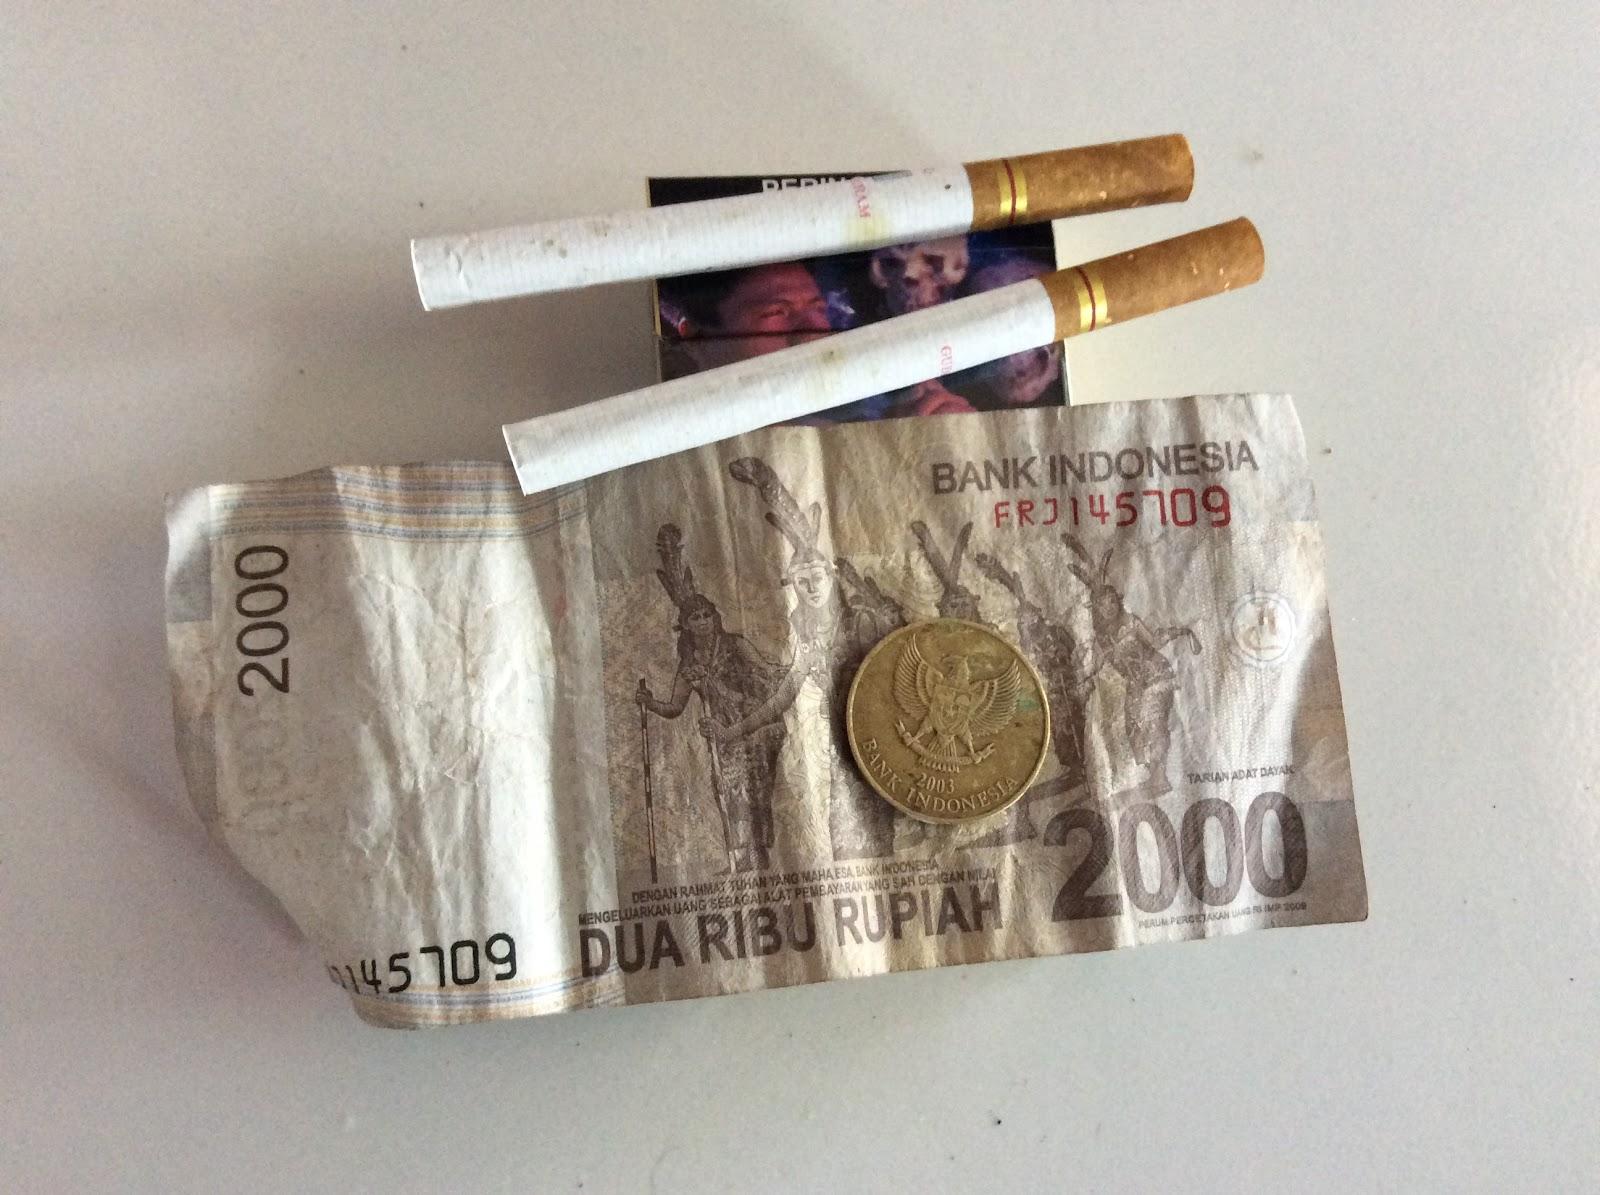 Rokok Surya Gudang Garam Daftar Harga Terkini Terlengkap Signature 12 Batang 1 Slop Isi 10pcs Cukai Tahun 2018 Termurah Di Kota Mataram Eceran Cuma 2500